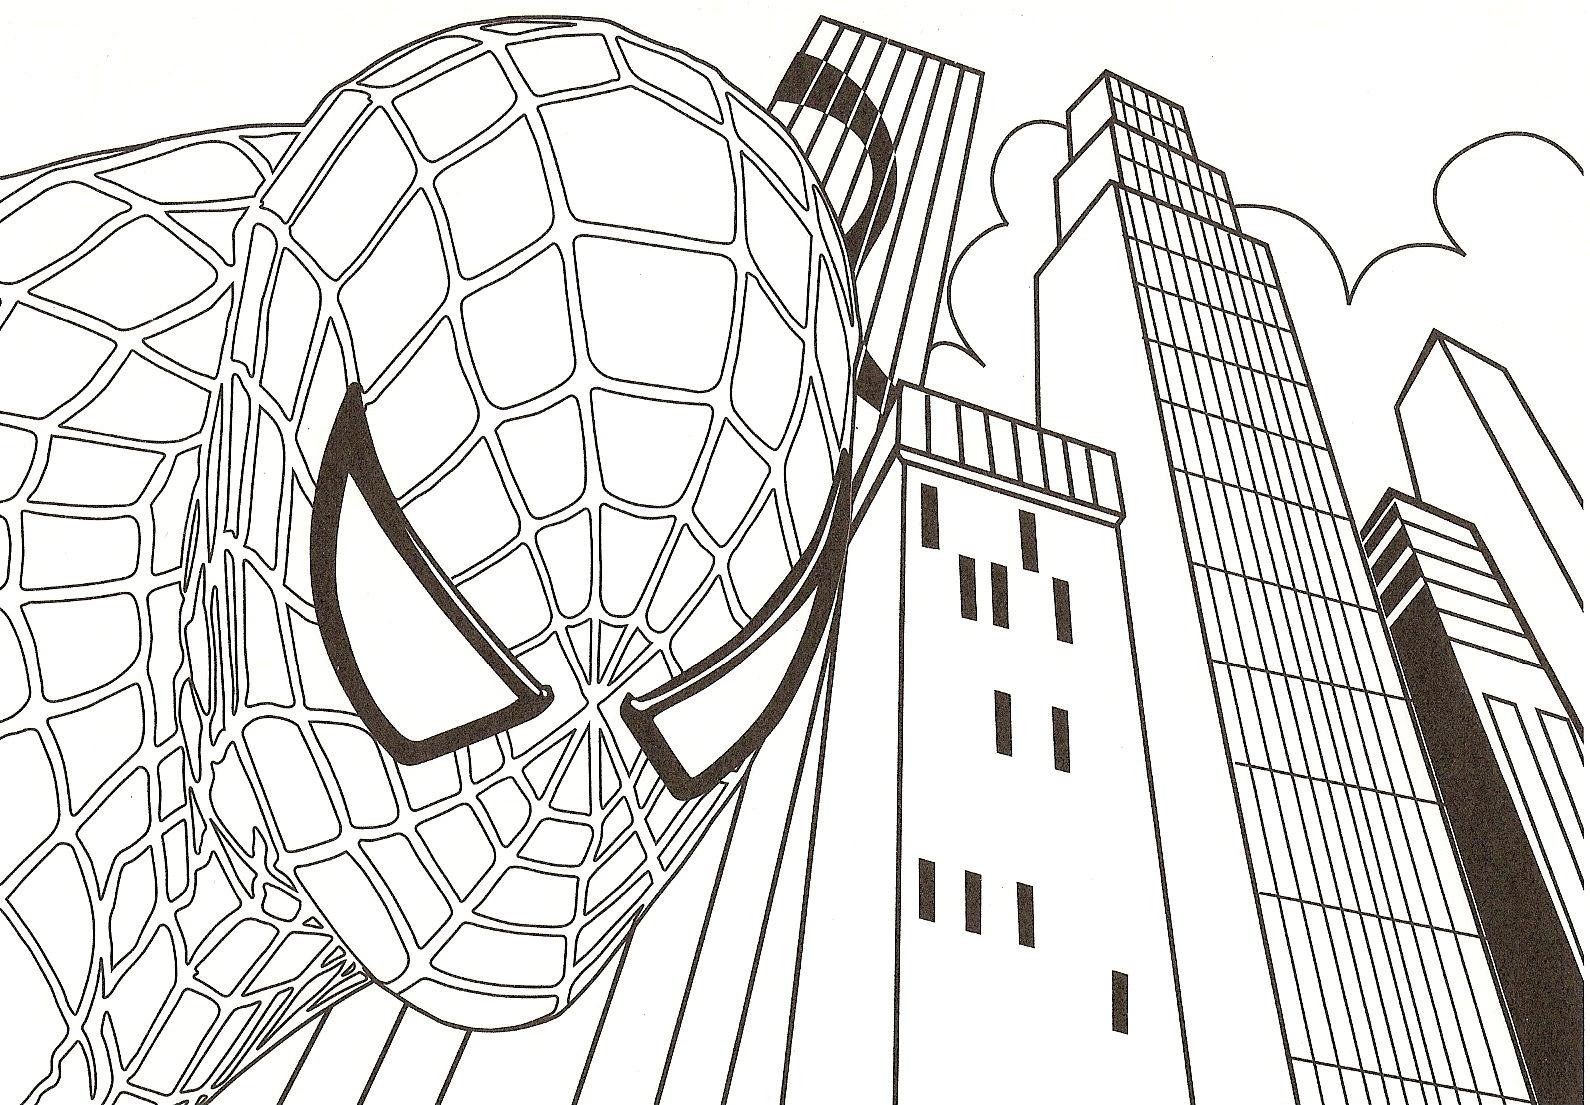 coloriage spiderman, son visage et dessin à colorier spiderman, son